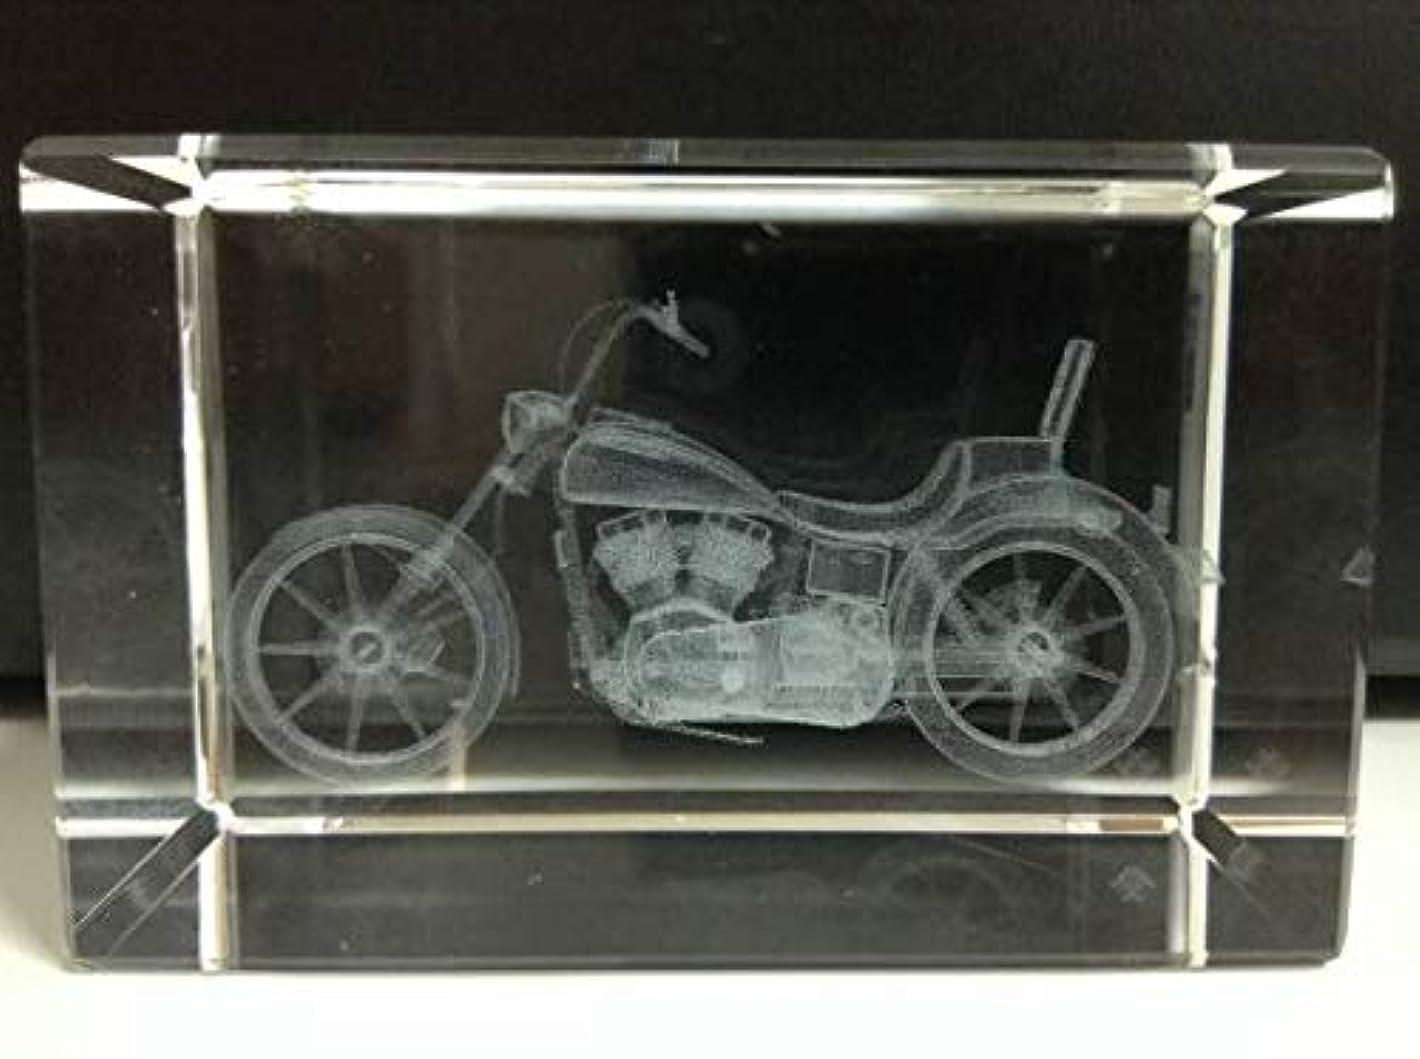 マーベル矢不利益Harley-Davidson ハーレーダビッドソンFX 3Dクリスタル ガラス ペーパーウェイト オブジェ 置物 文鎮 アメリカン バイク